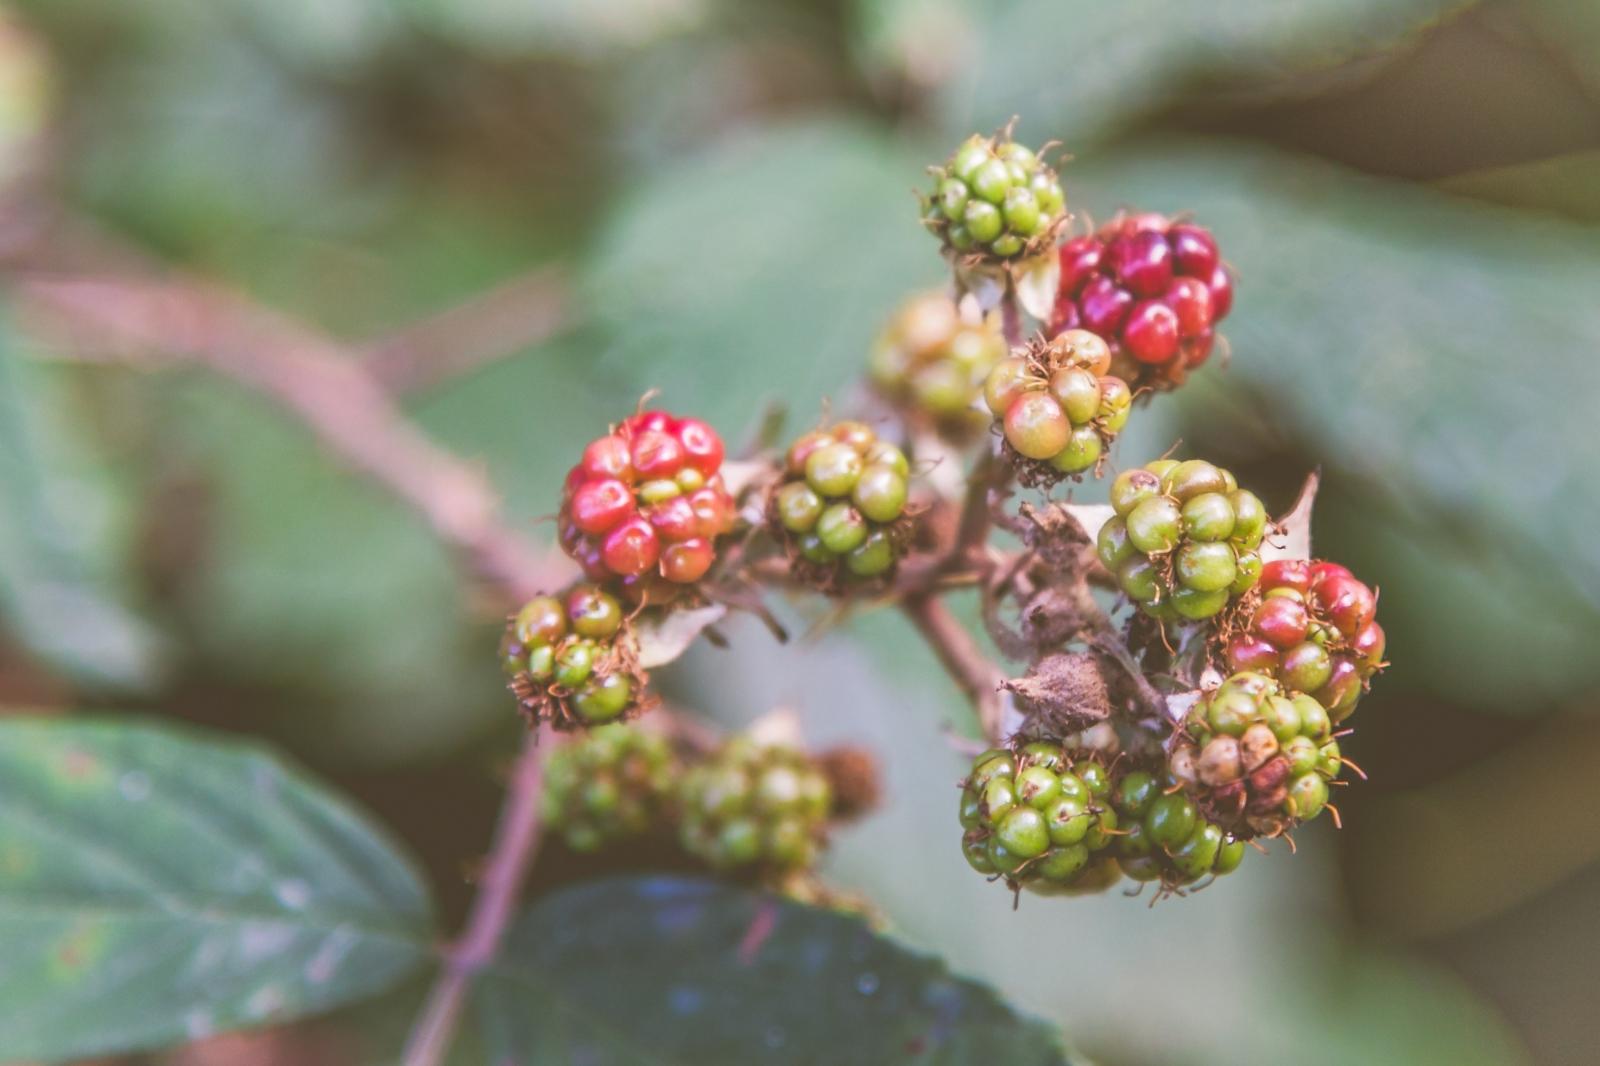 Zauberpflanzen: Waschen mit der Natur